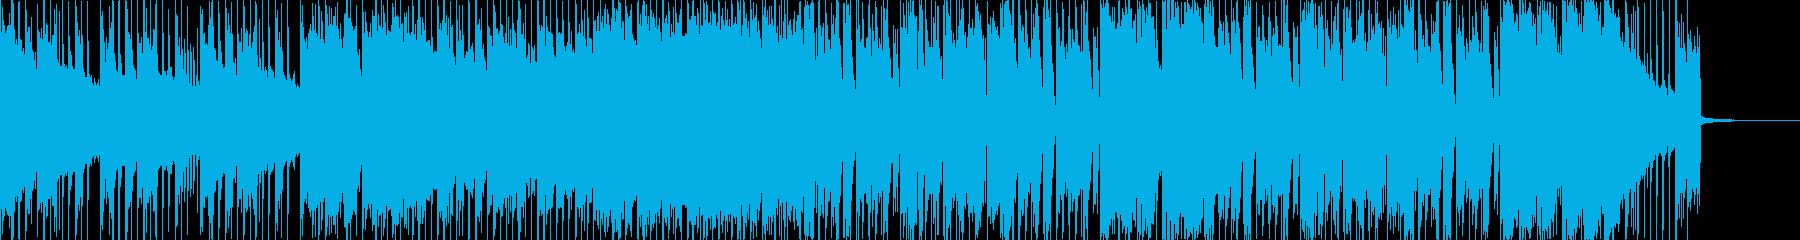 ハッピーでキュートなFutureBassの再生済みの波形